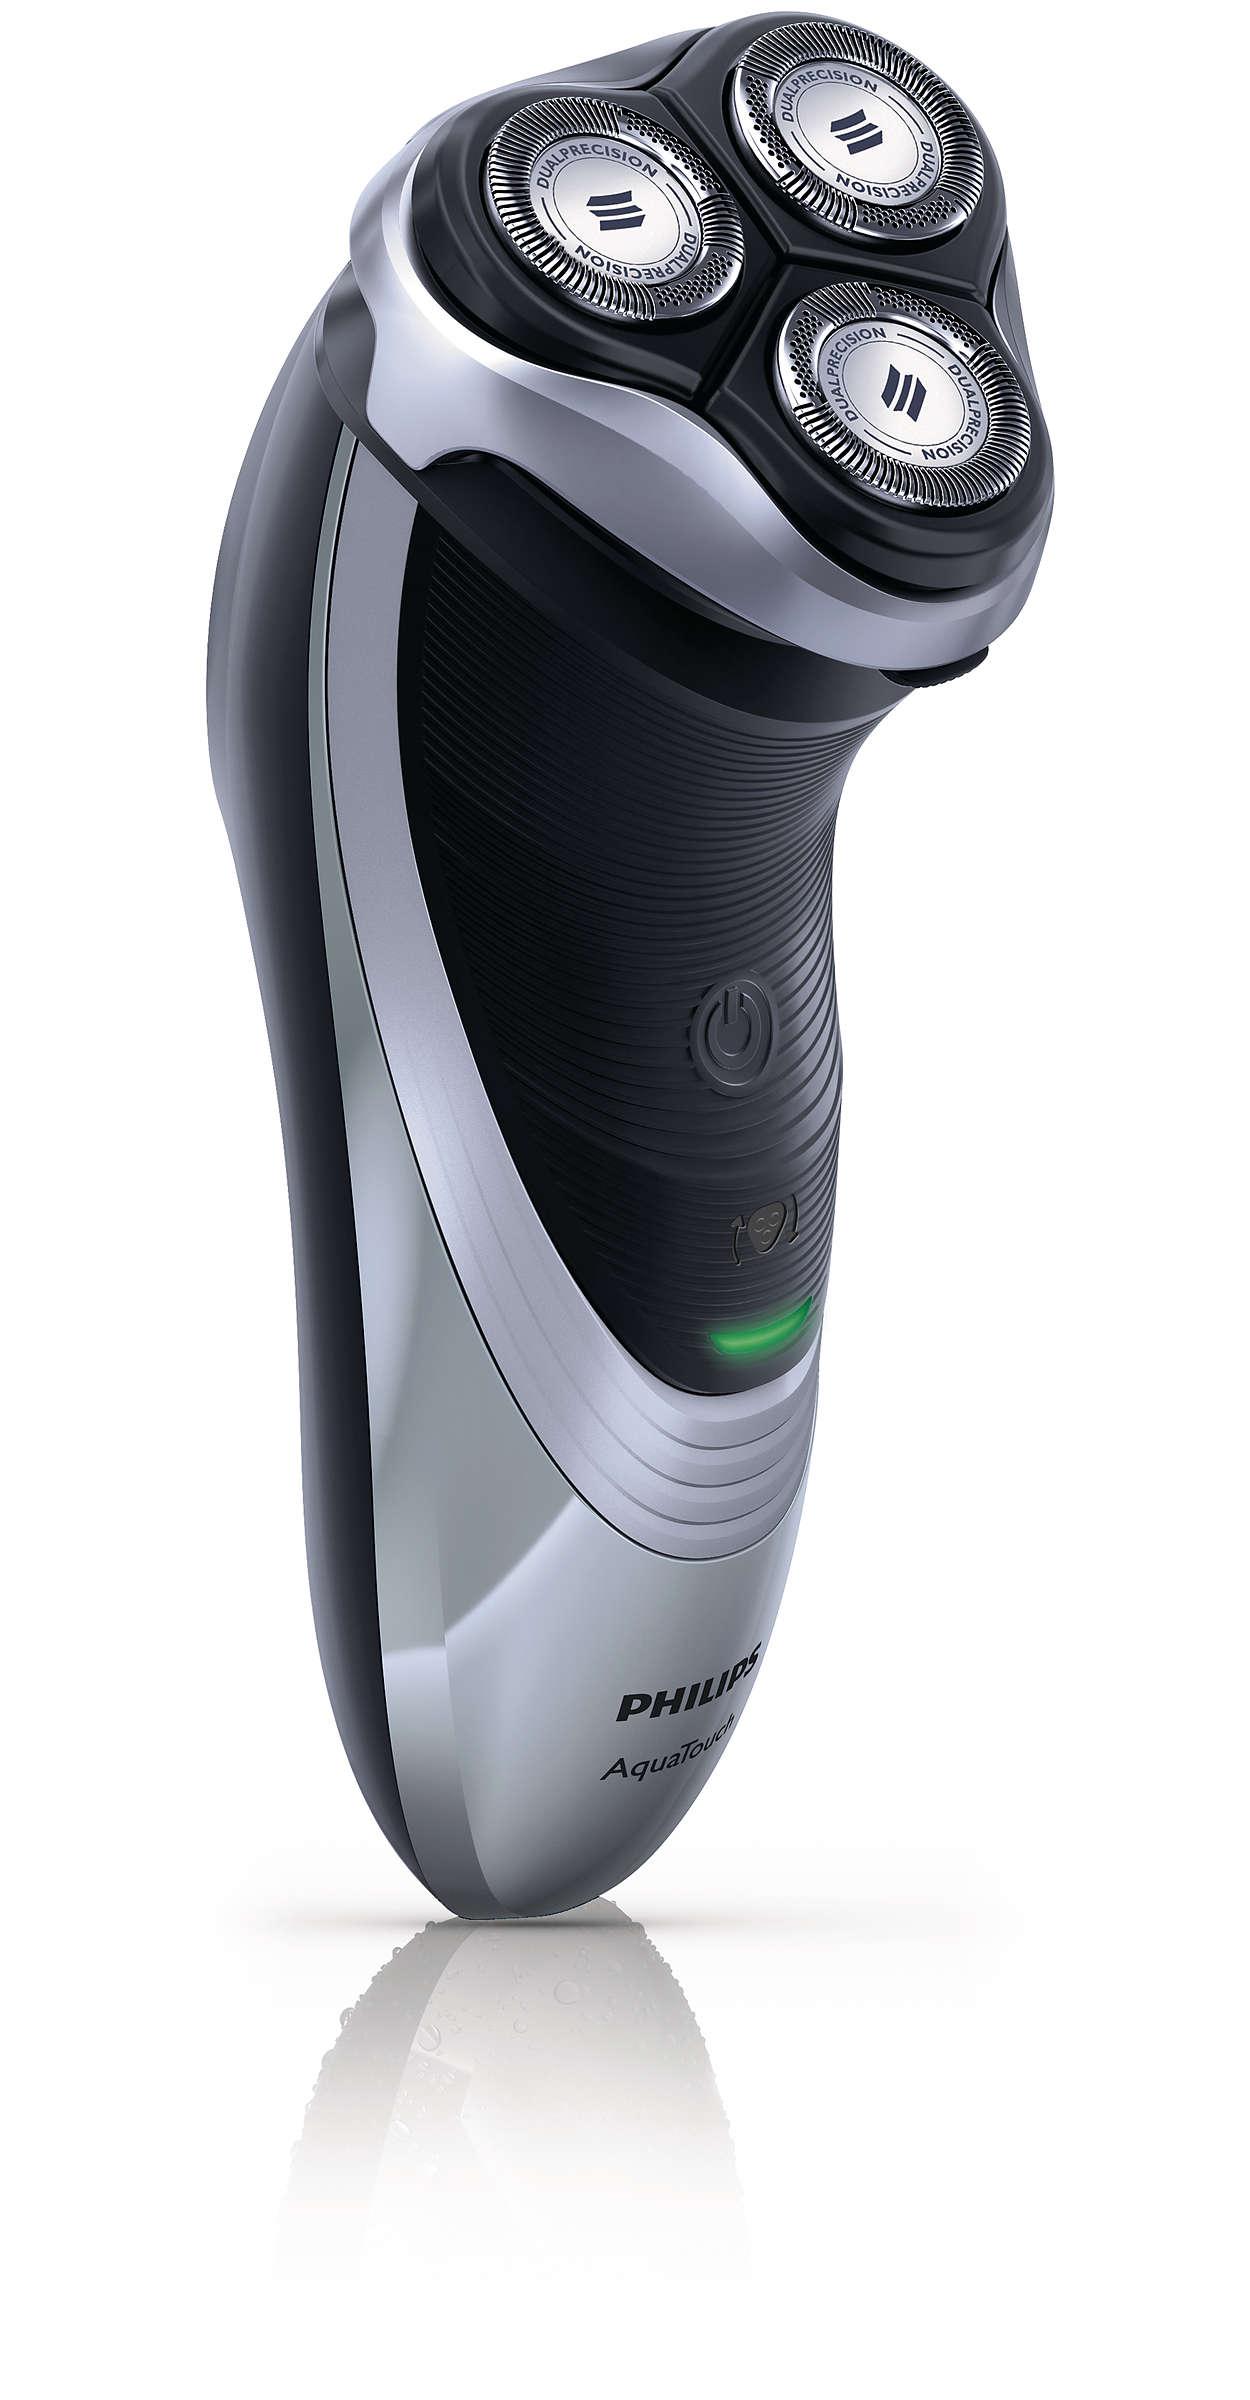 Svært god beskyttelse av huden, glatt barbering